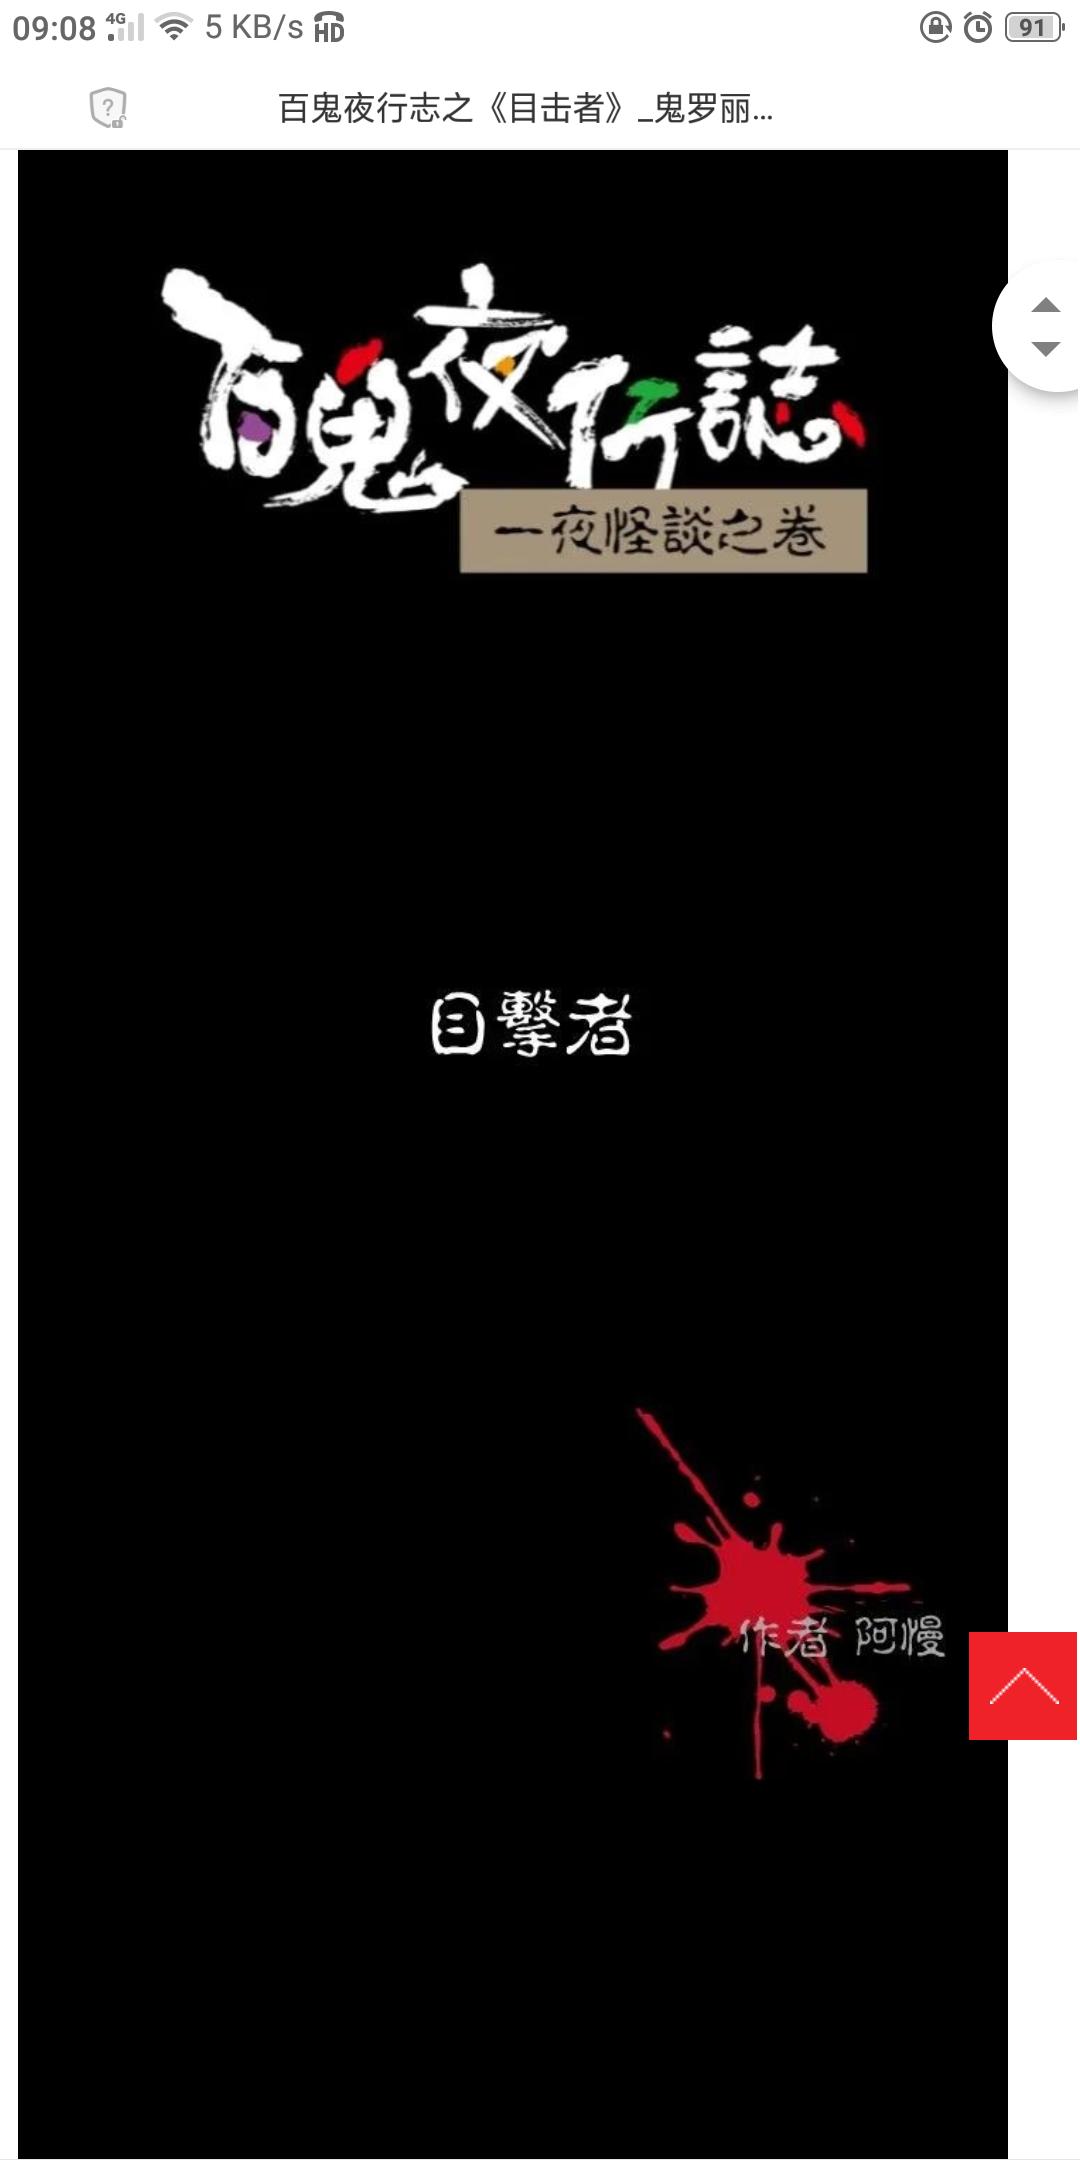 【漫画更新】百鬼夜行志之《目击者》-小柚妹站